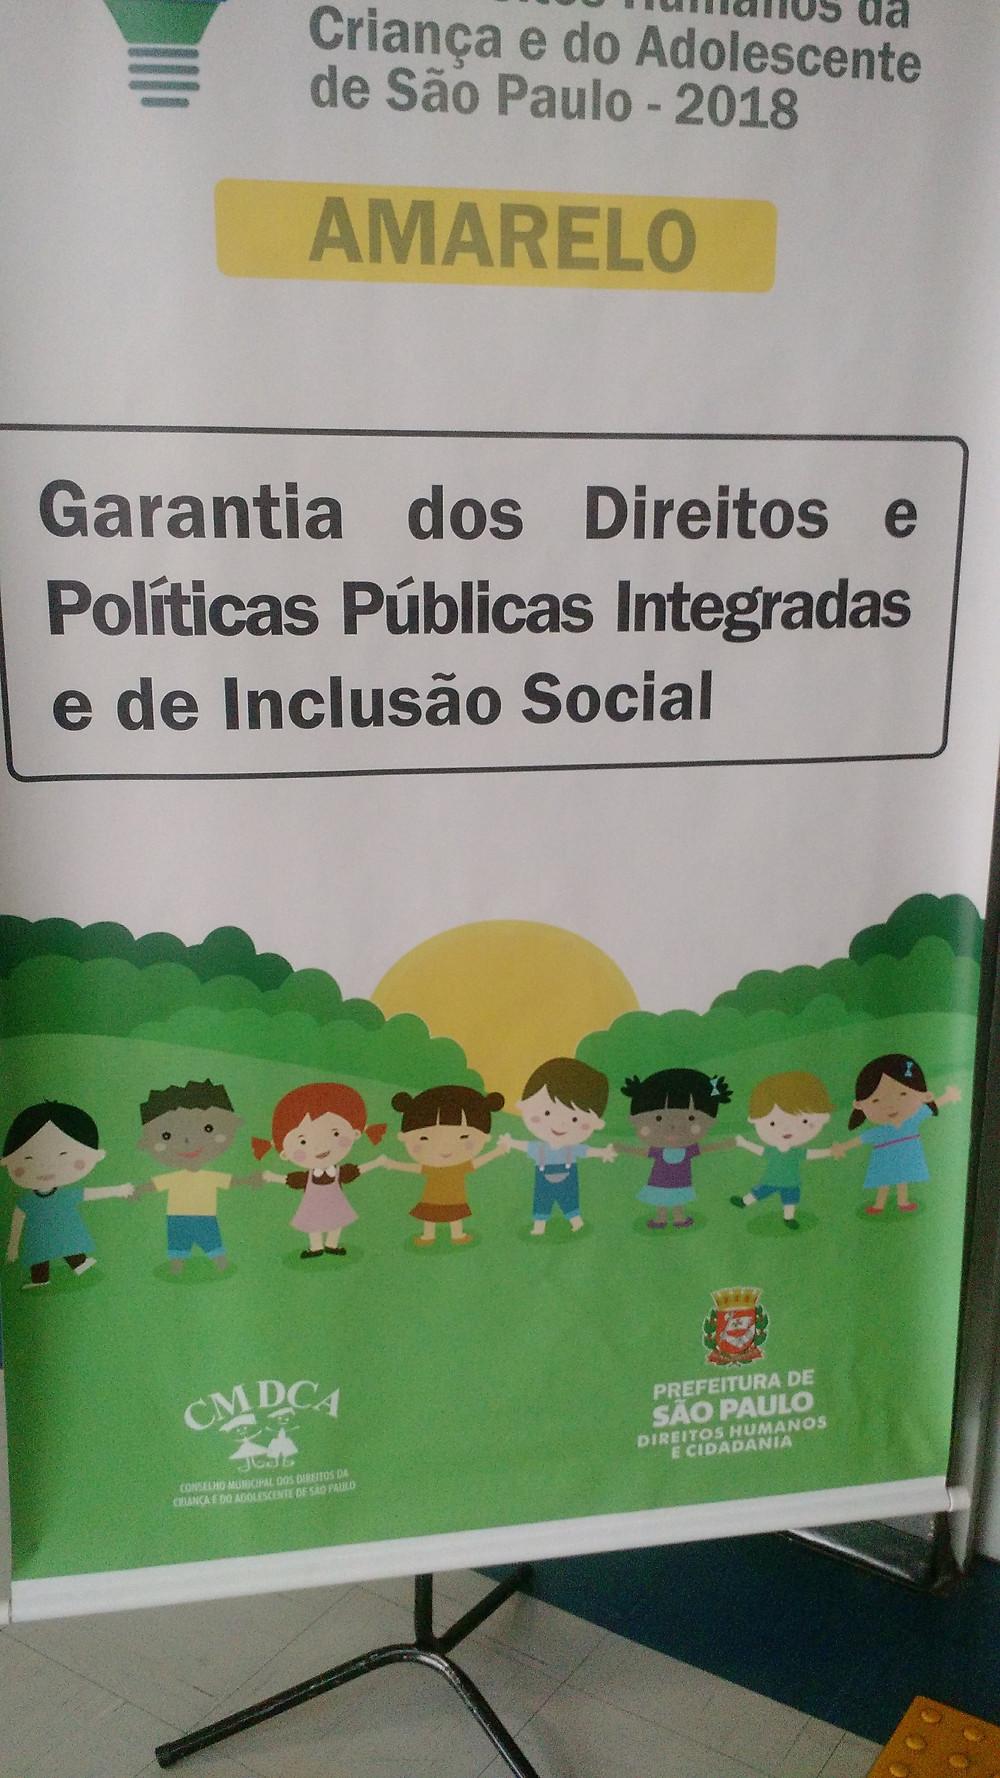 Placa de identificação na porta de uma sala de aula com os dizeres Eixo Amarelo: Garantia dos Direitos e Políticas Públicas Integradas e de Inclusão Social